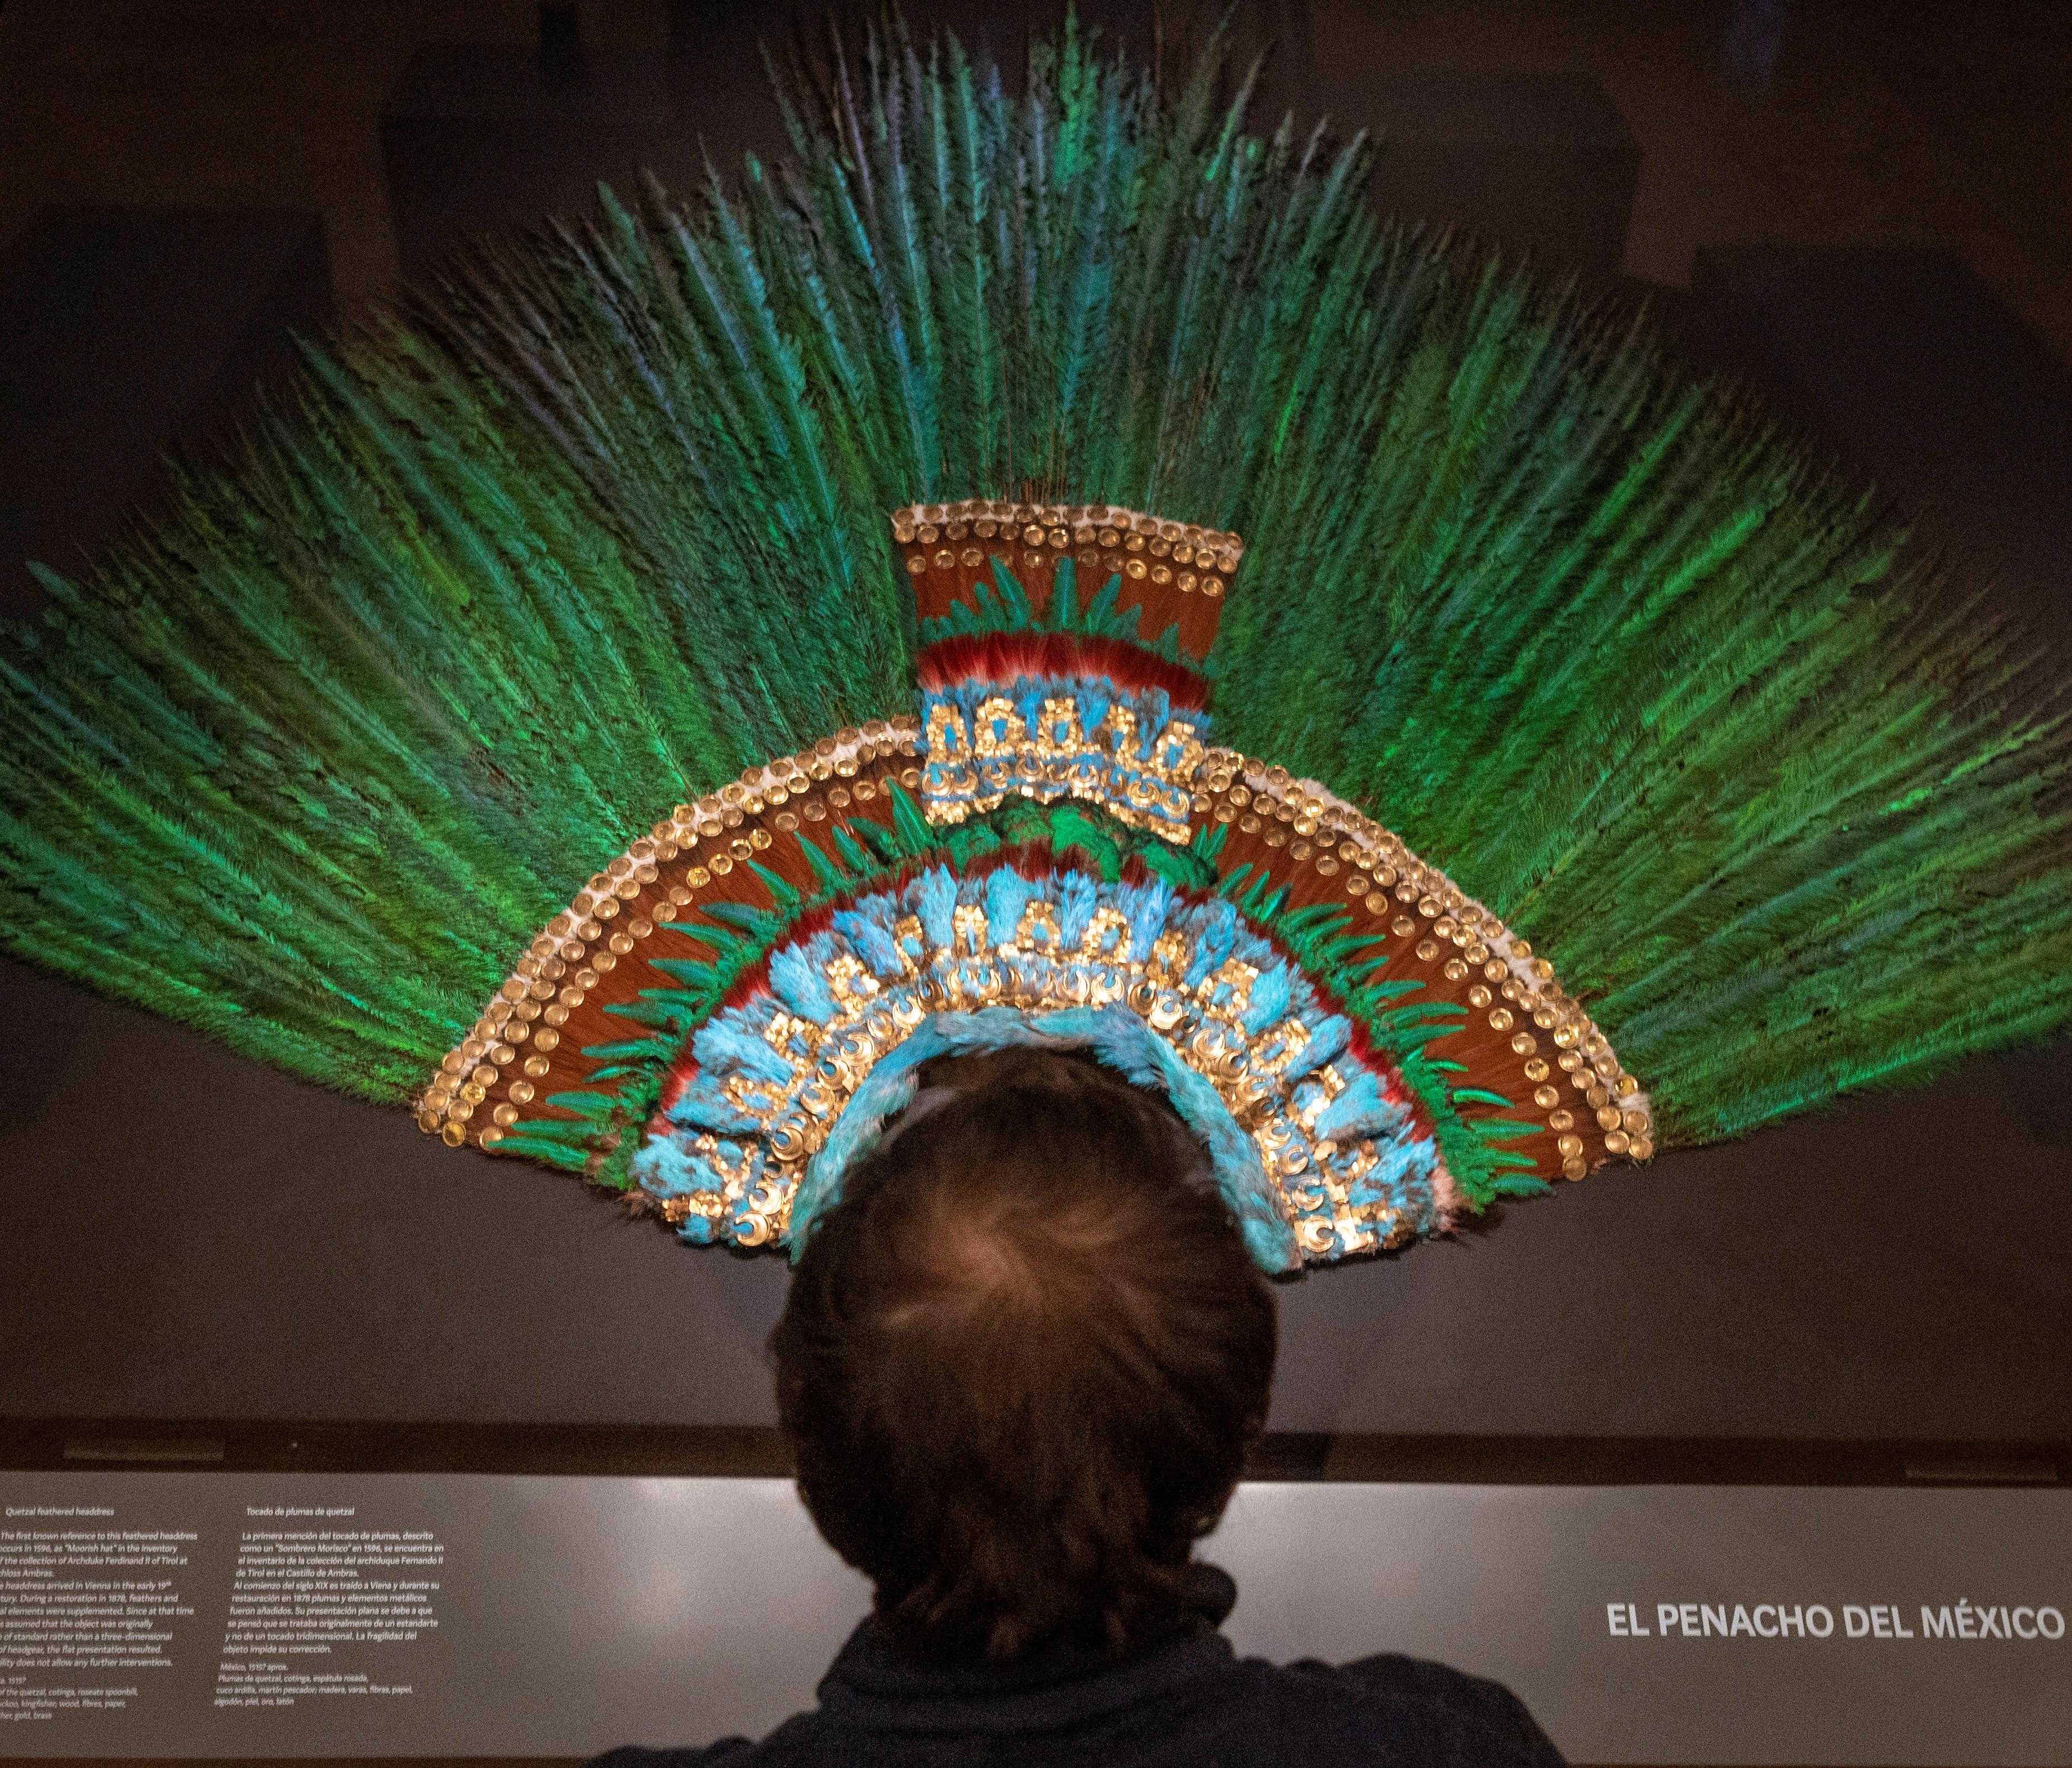 El penacho del emperador azteca Moctezuma Xocoyotzin (1466-1520) o Moctezuma II, se exhibe en el Museo de Etnología (Welt Museum) en Viena el 15 de octubre de 2020. (Foto: Joe Klamar / AFP)